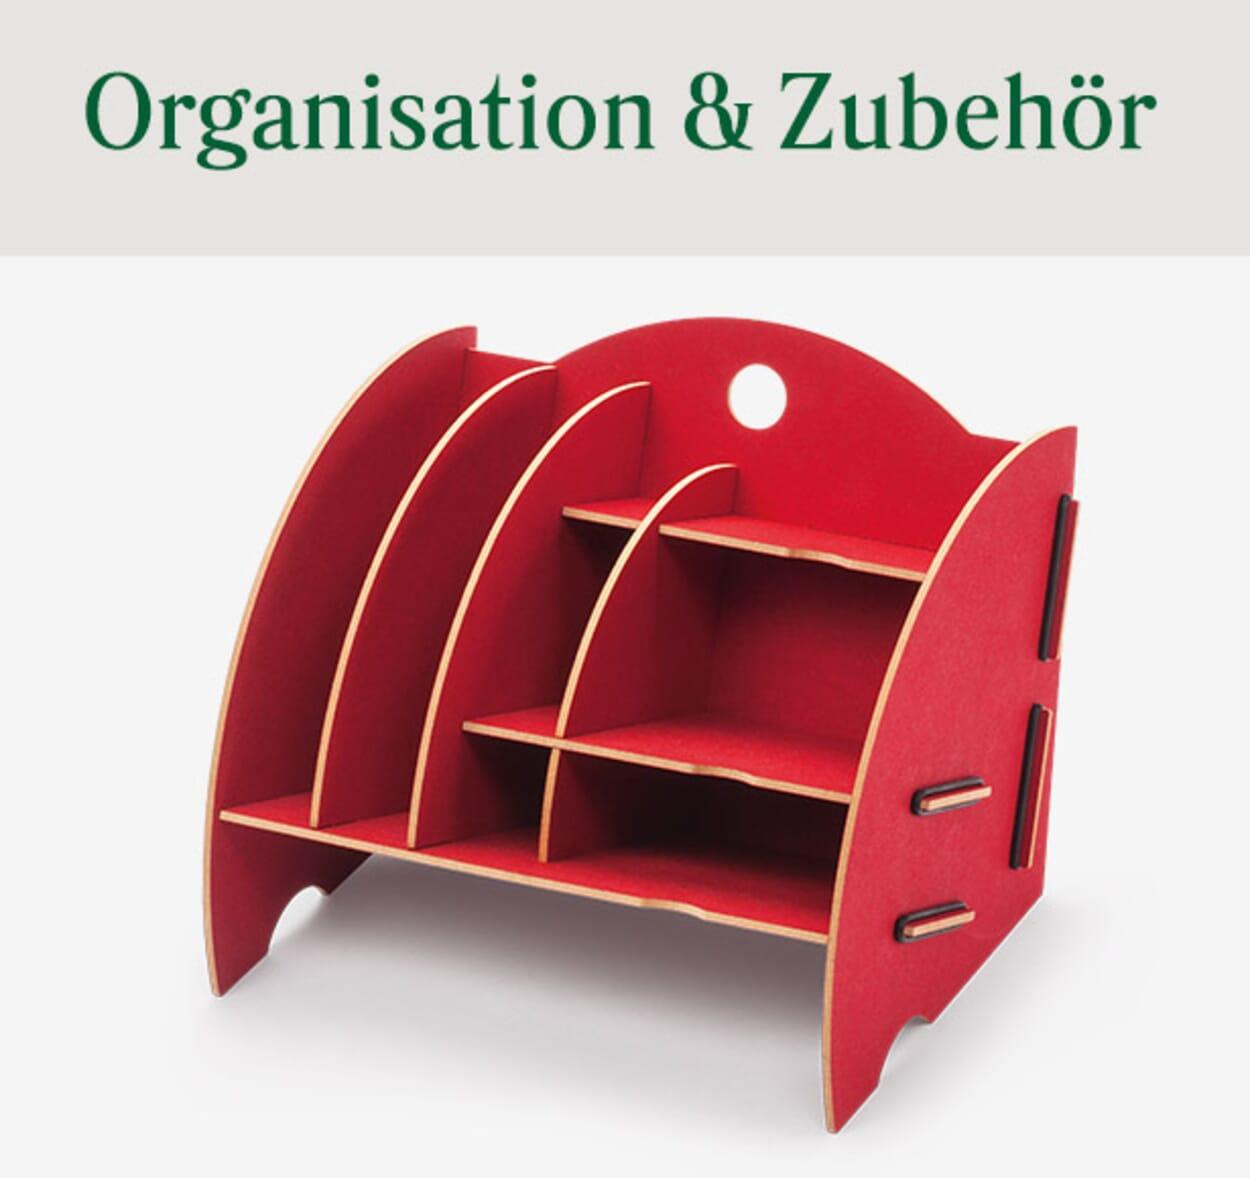 Organisation & Zubehör